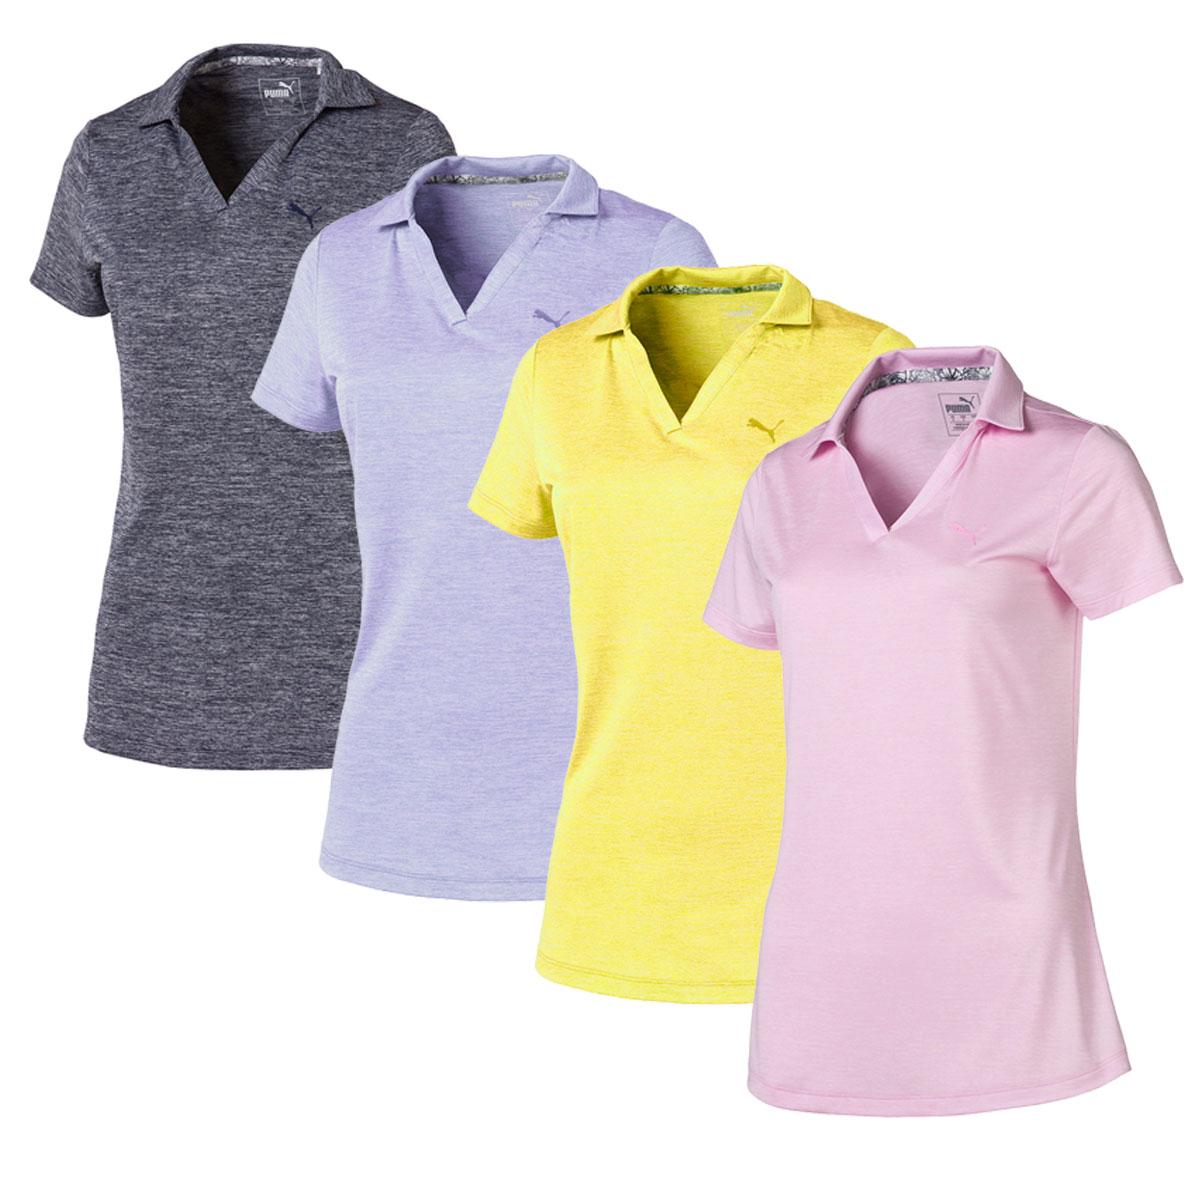 Puma Women's Super Soft Golf Polo